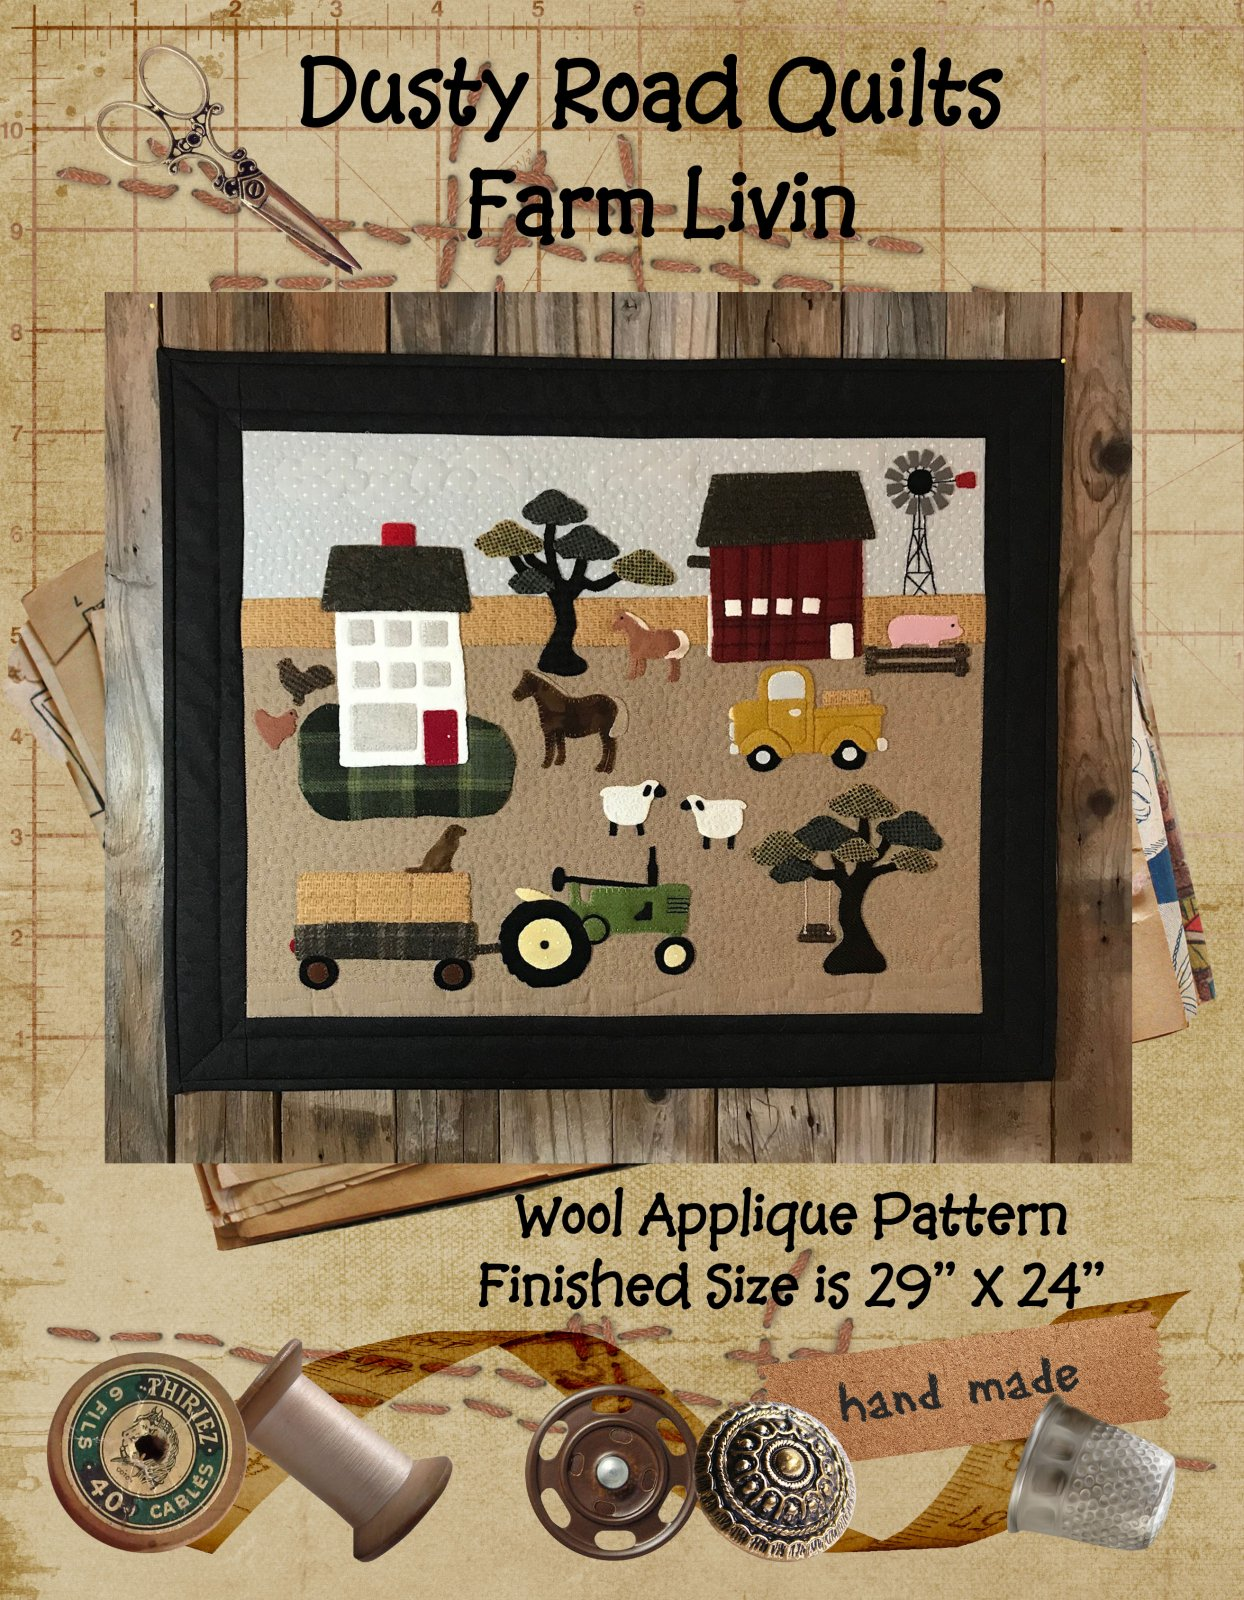 Farm Livin Pattern Only